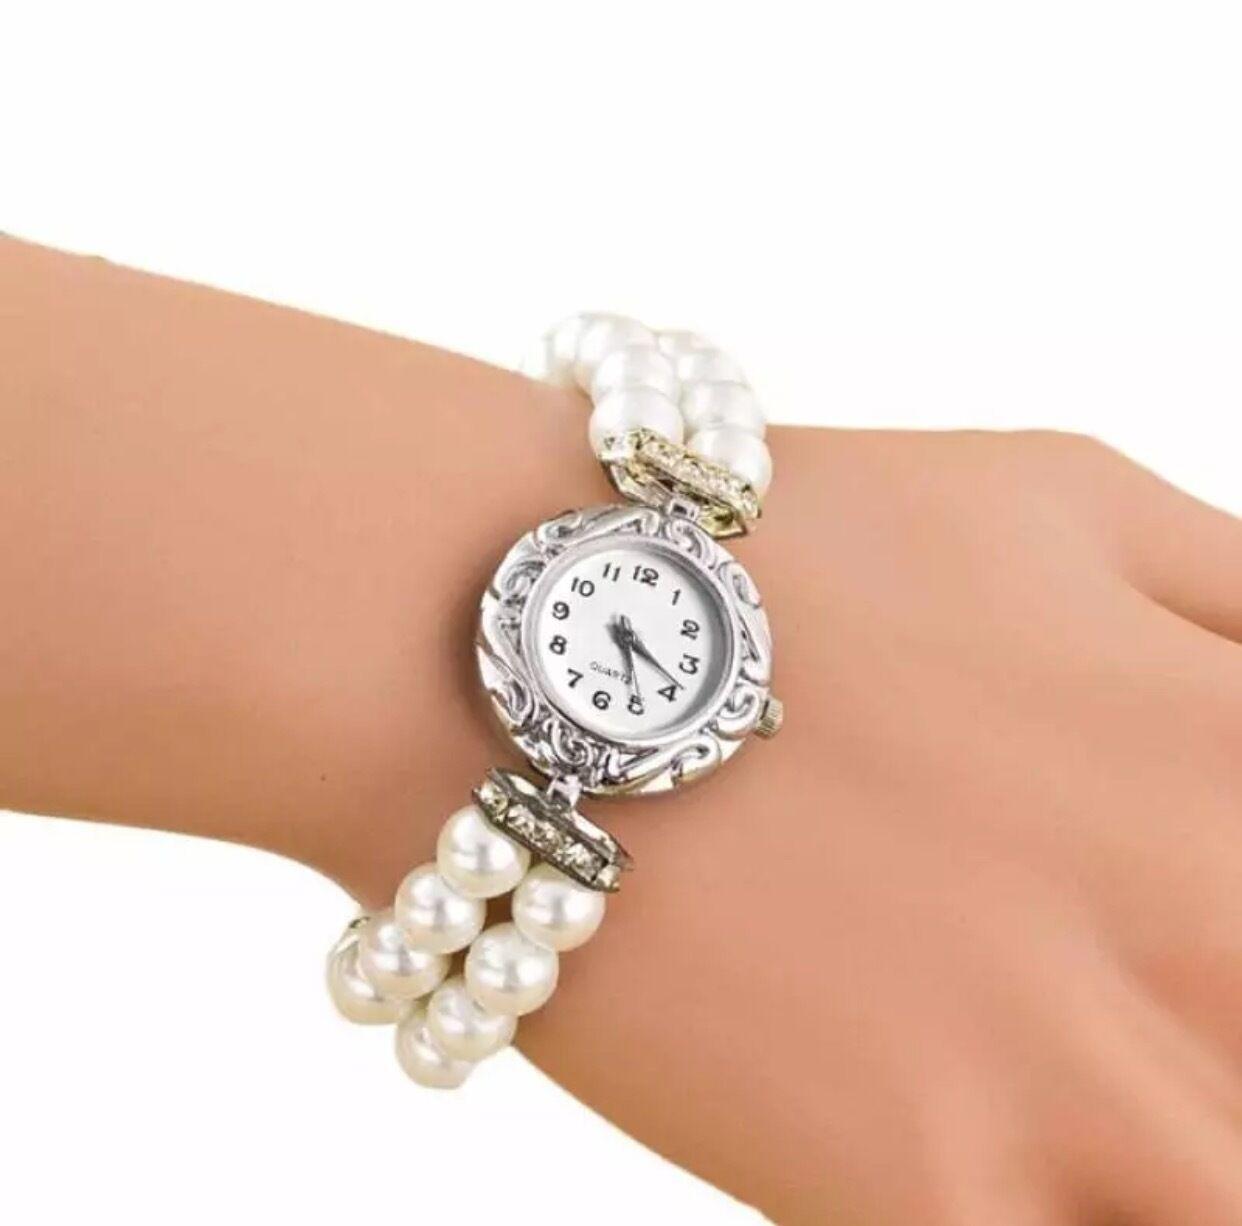 Armband Armbanduhr Uhr Damenuhr silber mit Perlen Strass Glitzer weiß rosa